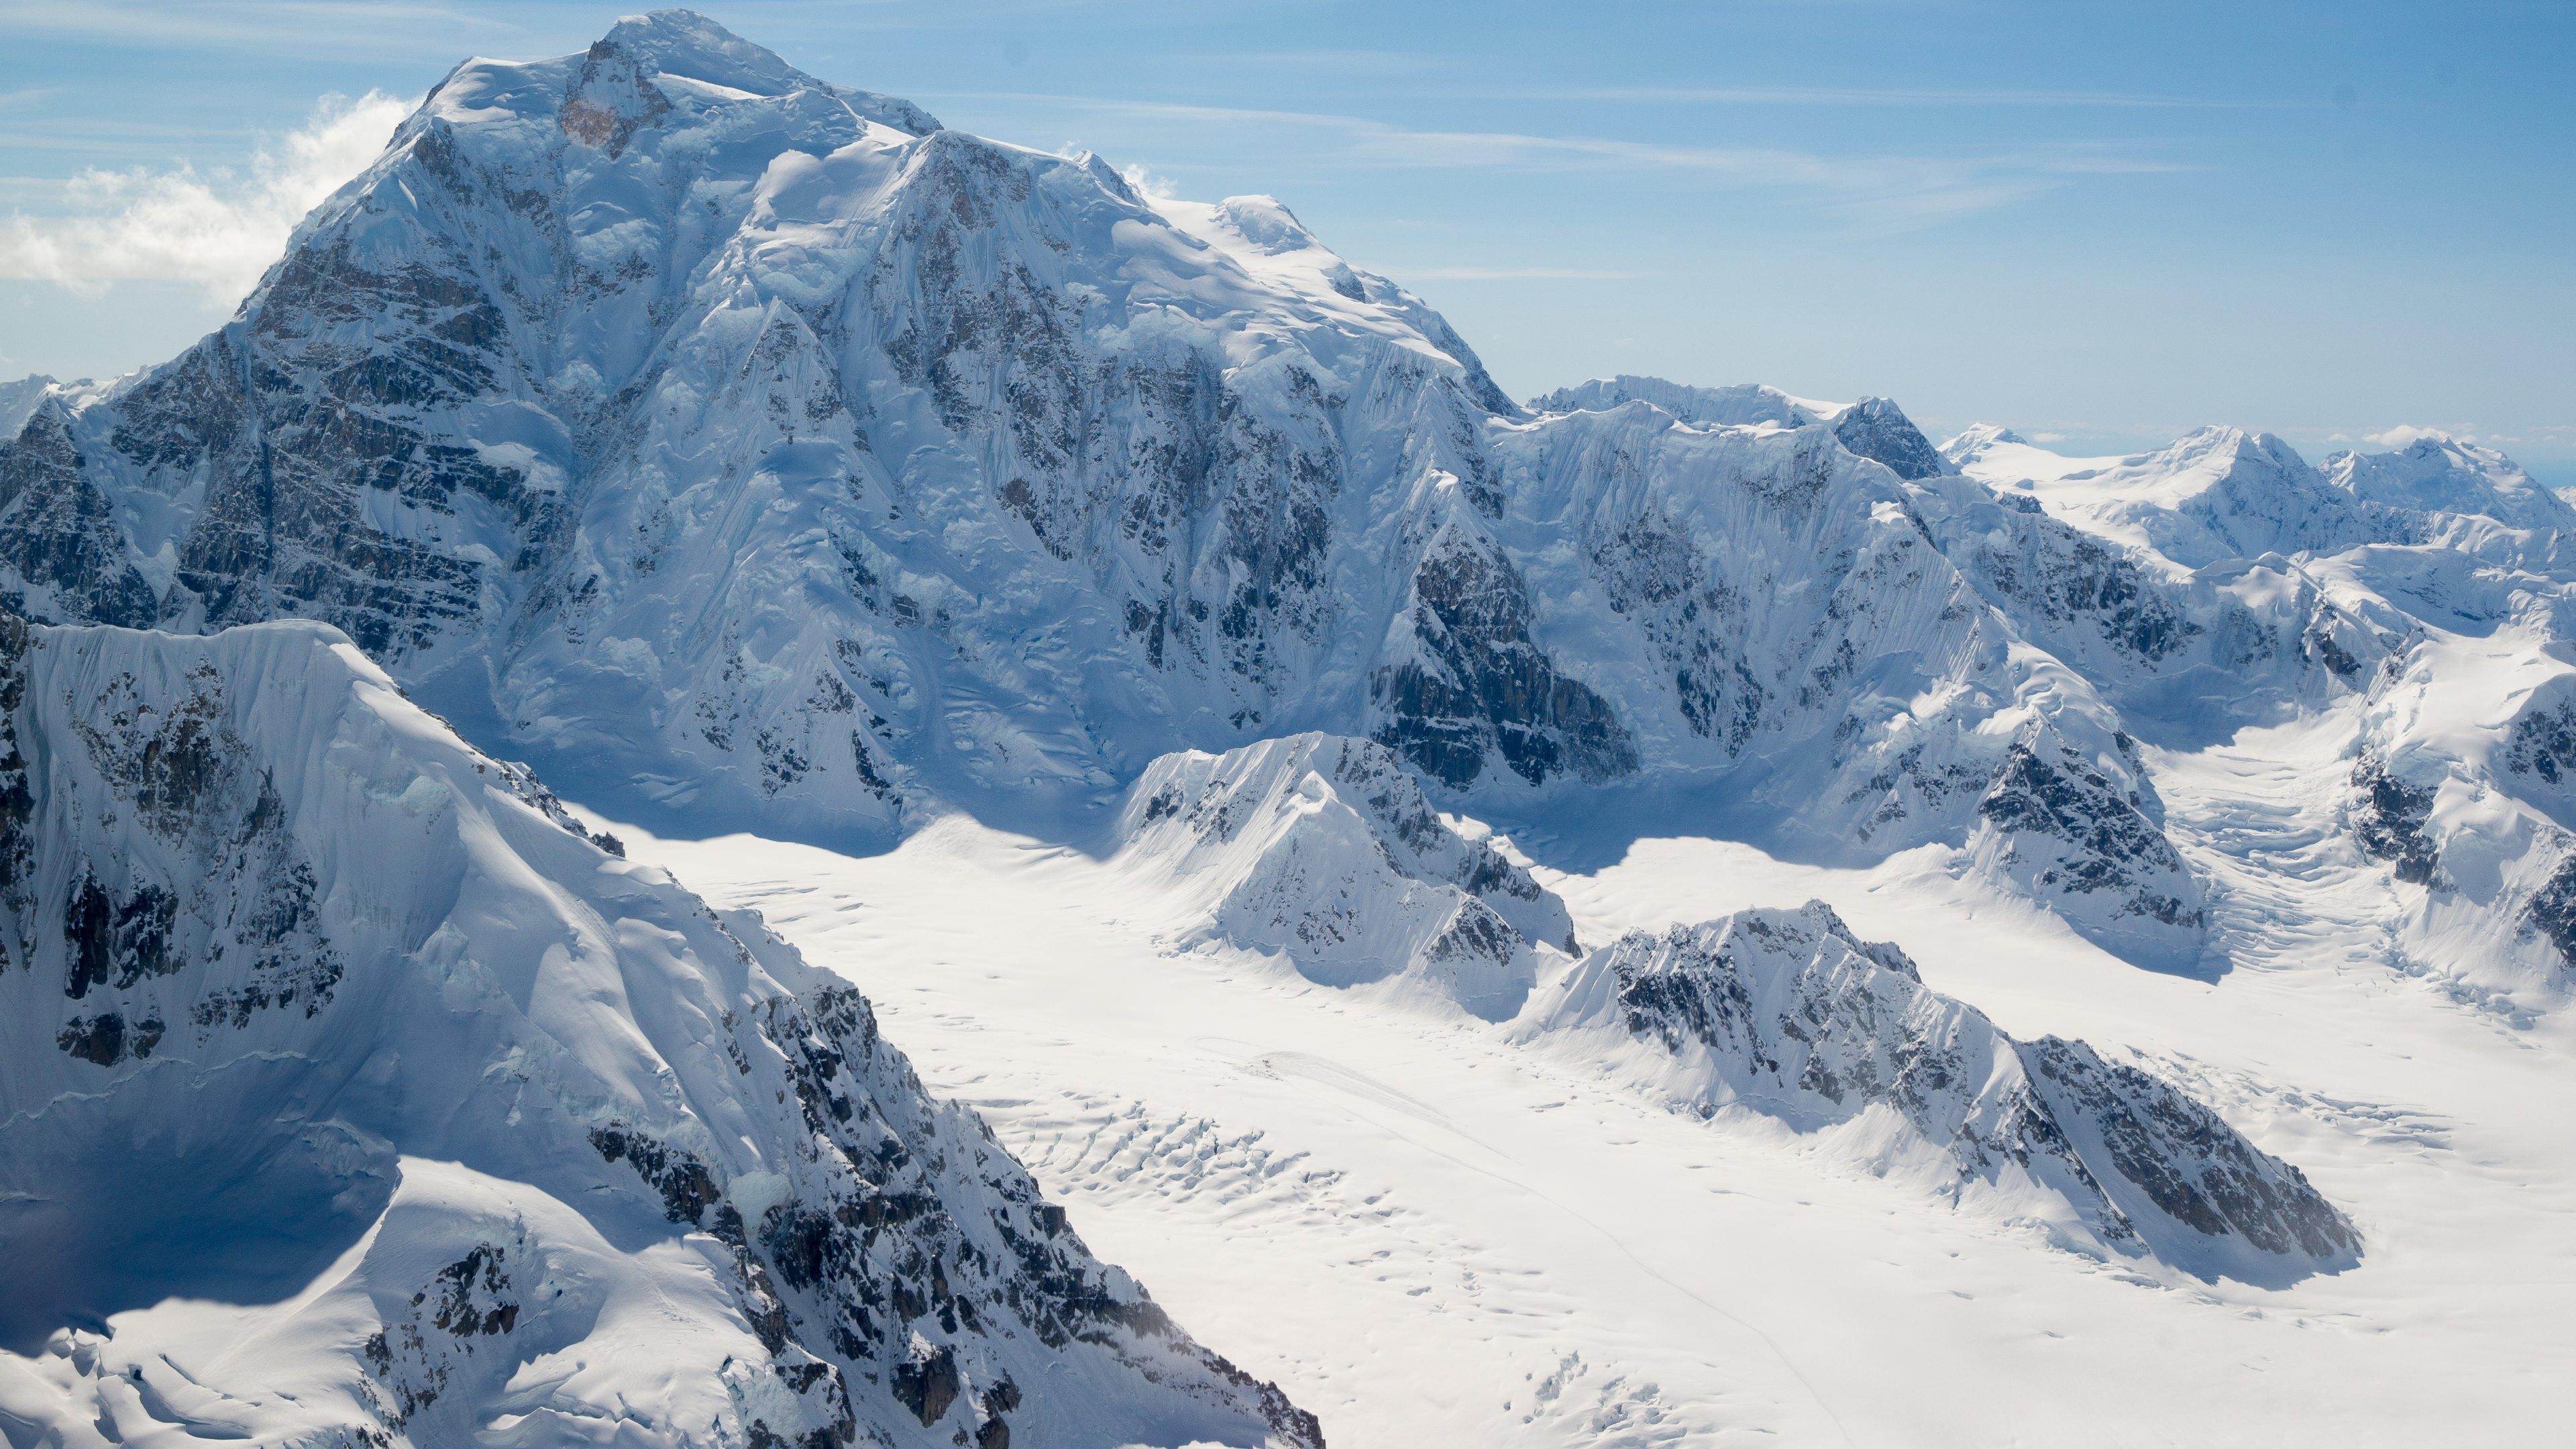 Alaska Landscape Snow Mountain Peaks HD Wallpapers 4K Wallpapers 3840x2160